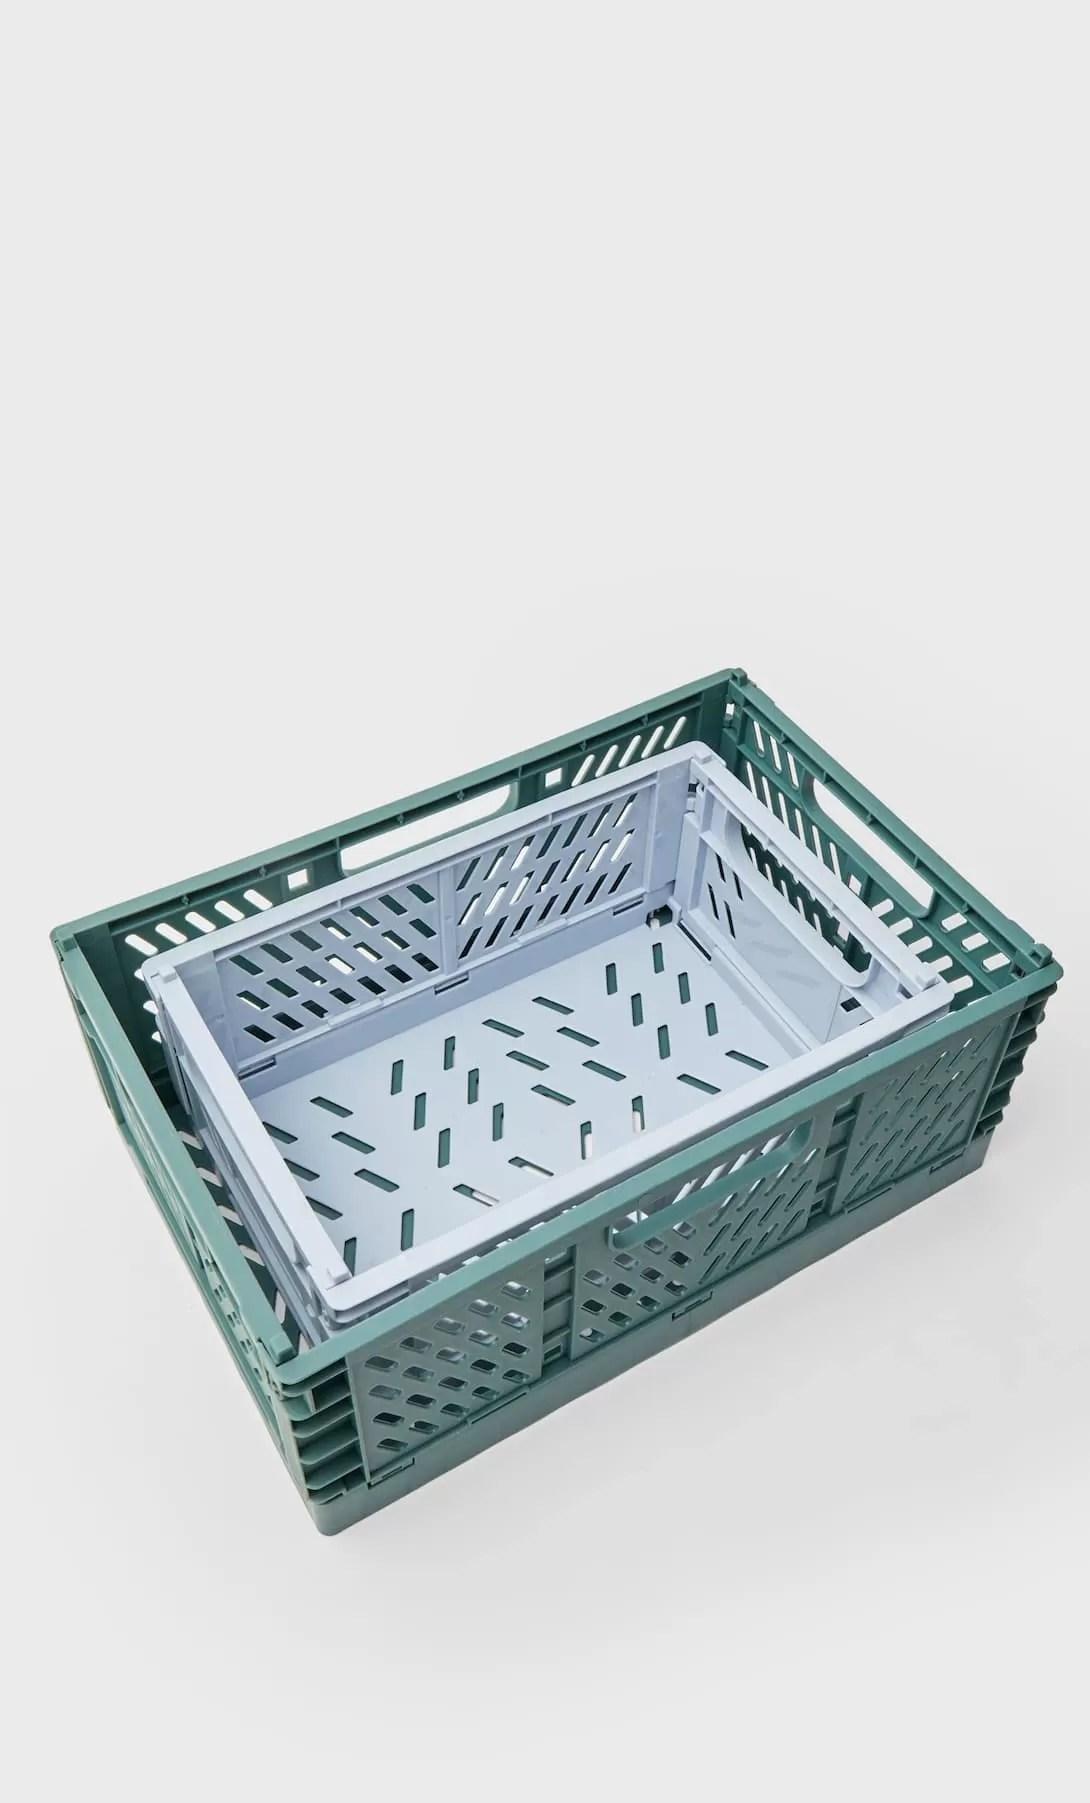 Stradivarius vende estas cajas para organizar tu casa más baratas y bonitas que en Ikea